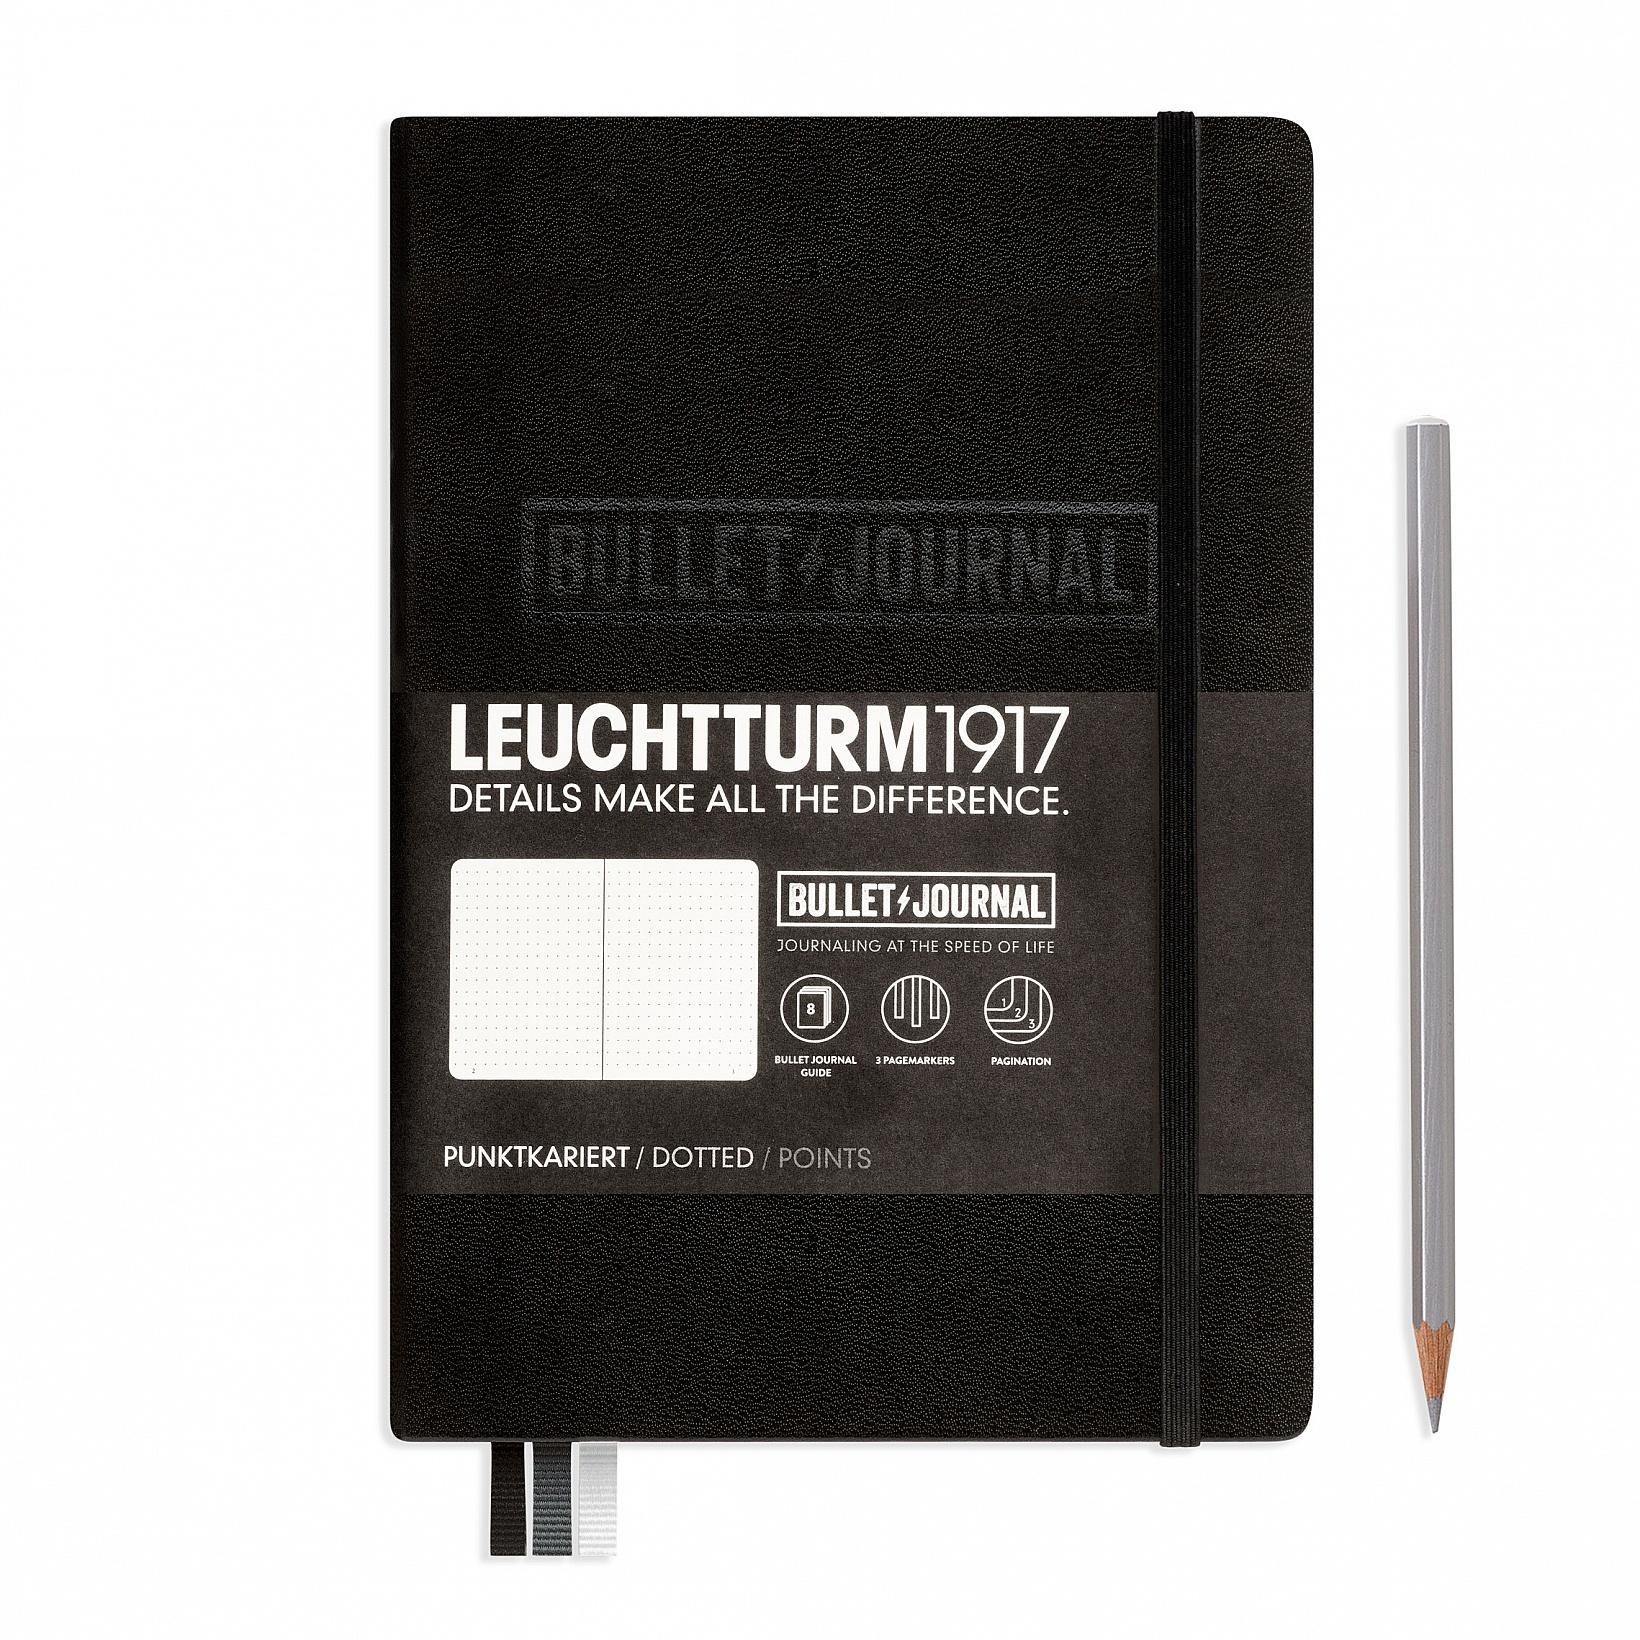 Leuchtturm1917 A5 Hardcover Bullet Journal - Black